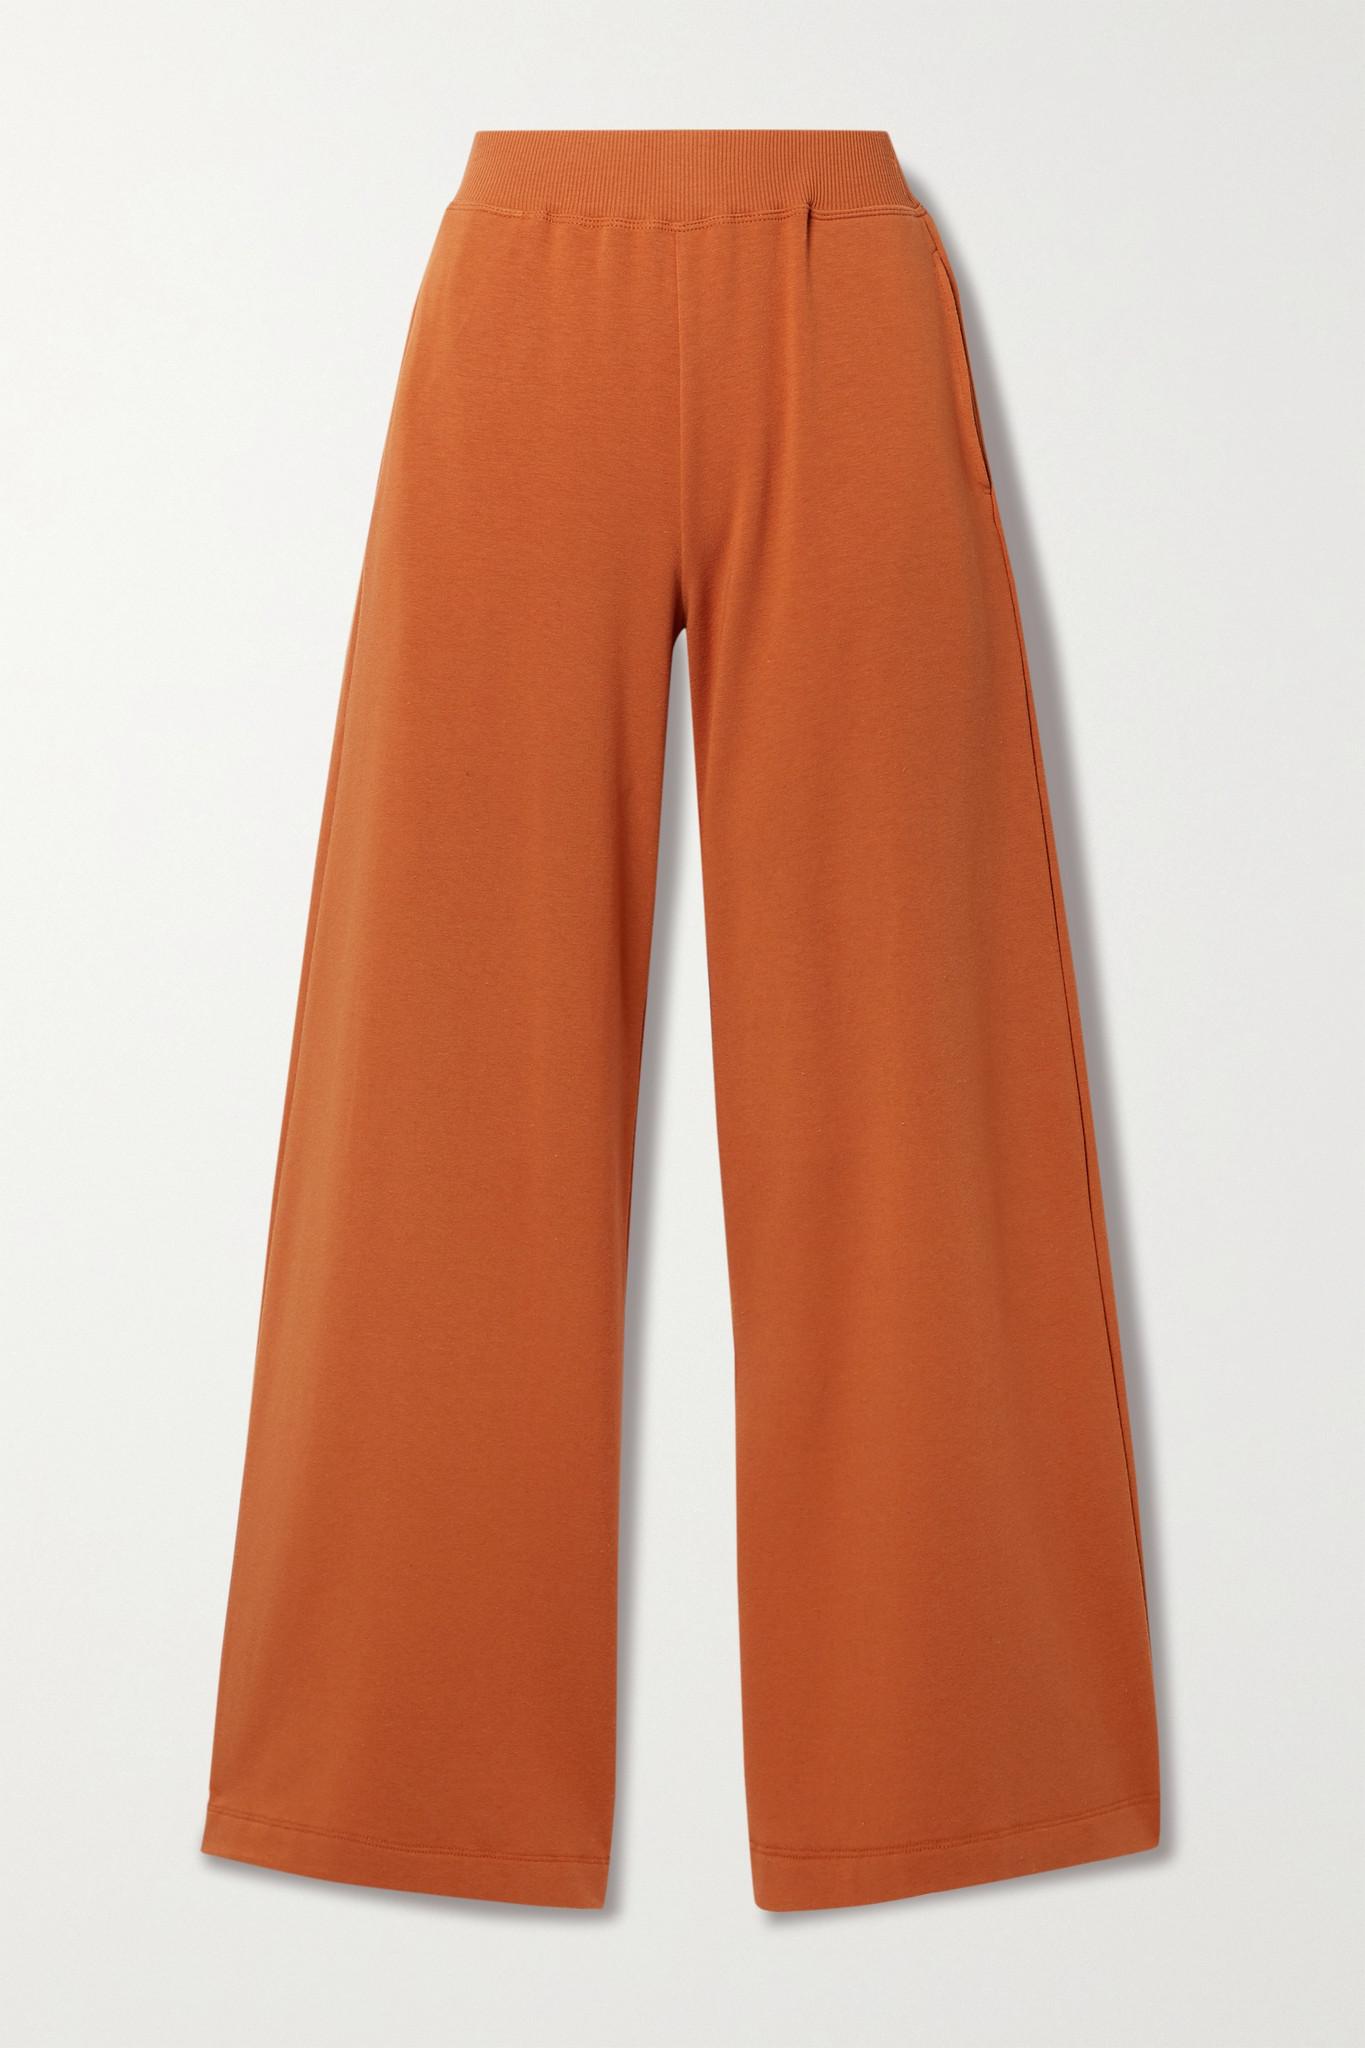 L'AGENCE - Campbell 弹力棉质莫代尔混纺阔腿裤 - 橙色 - medium